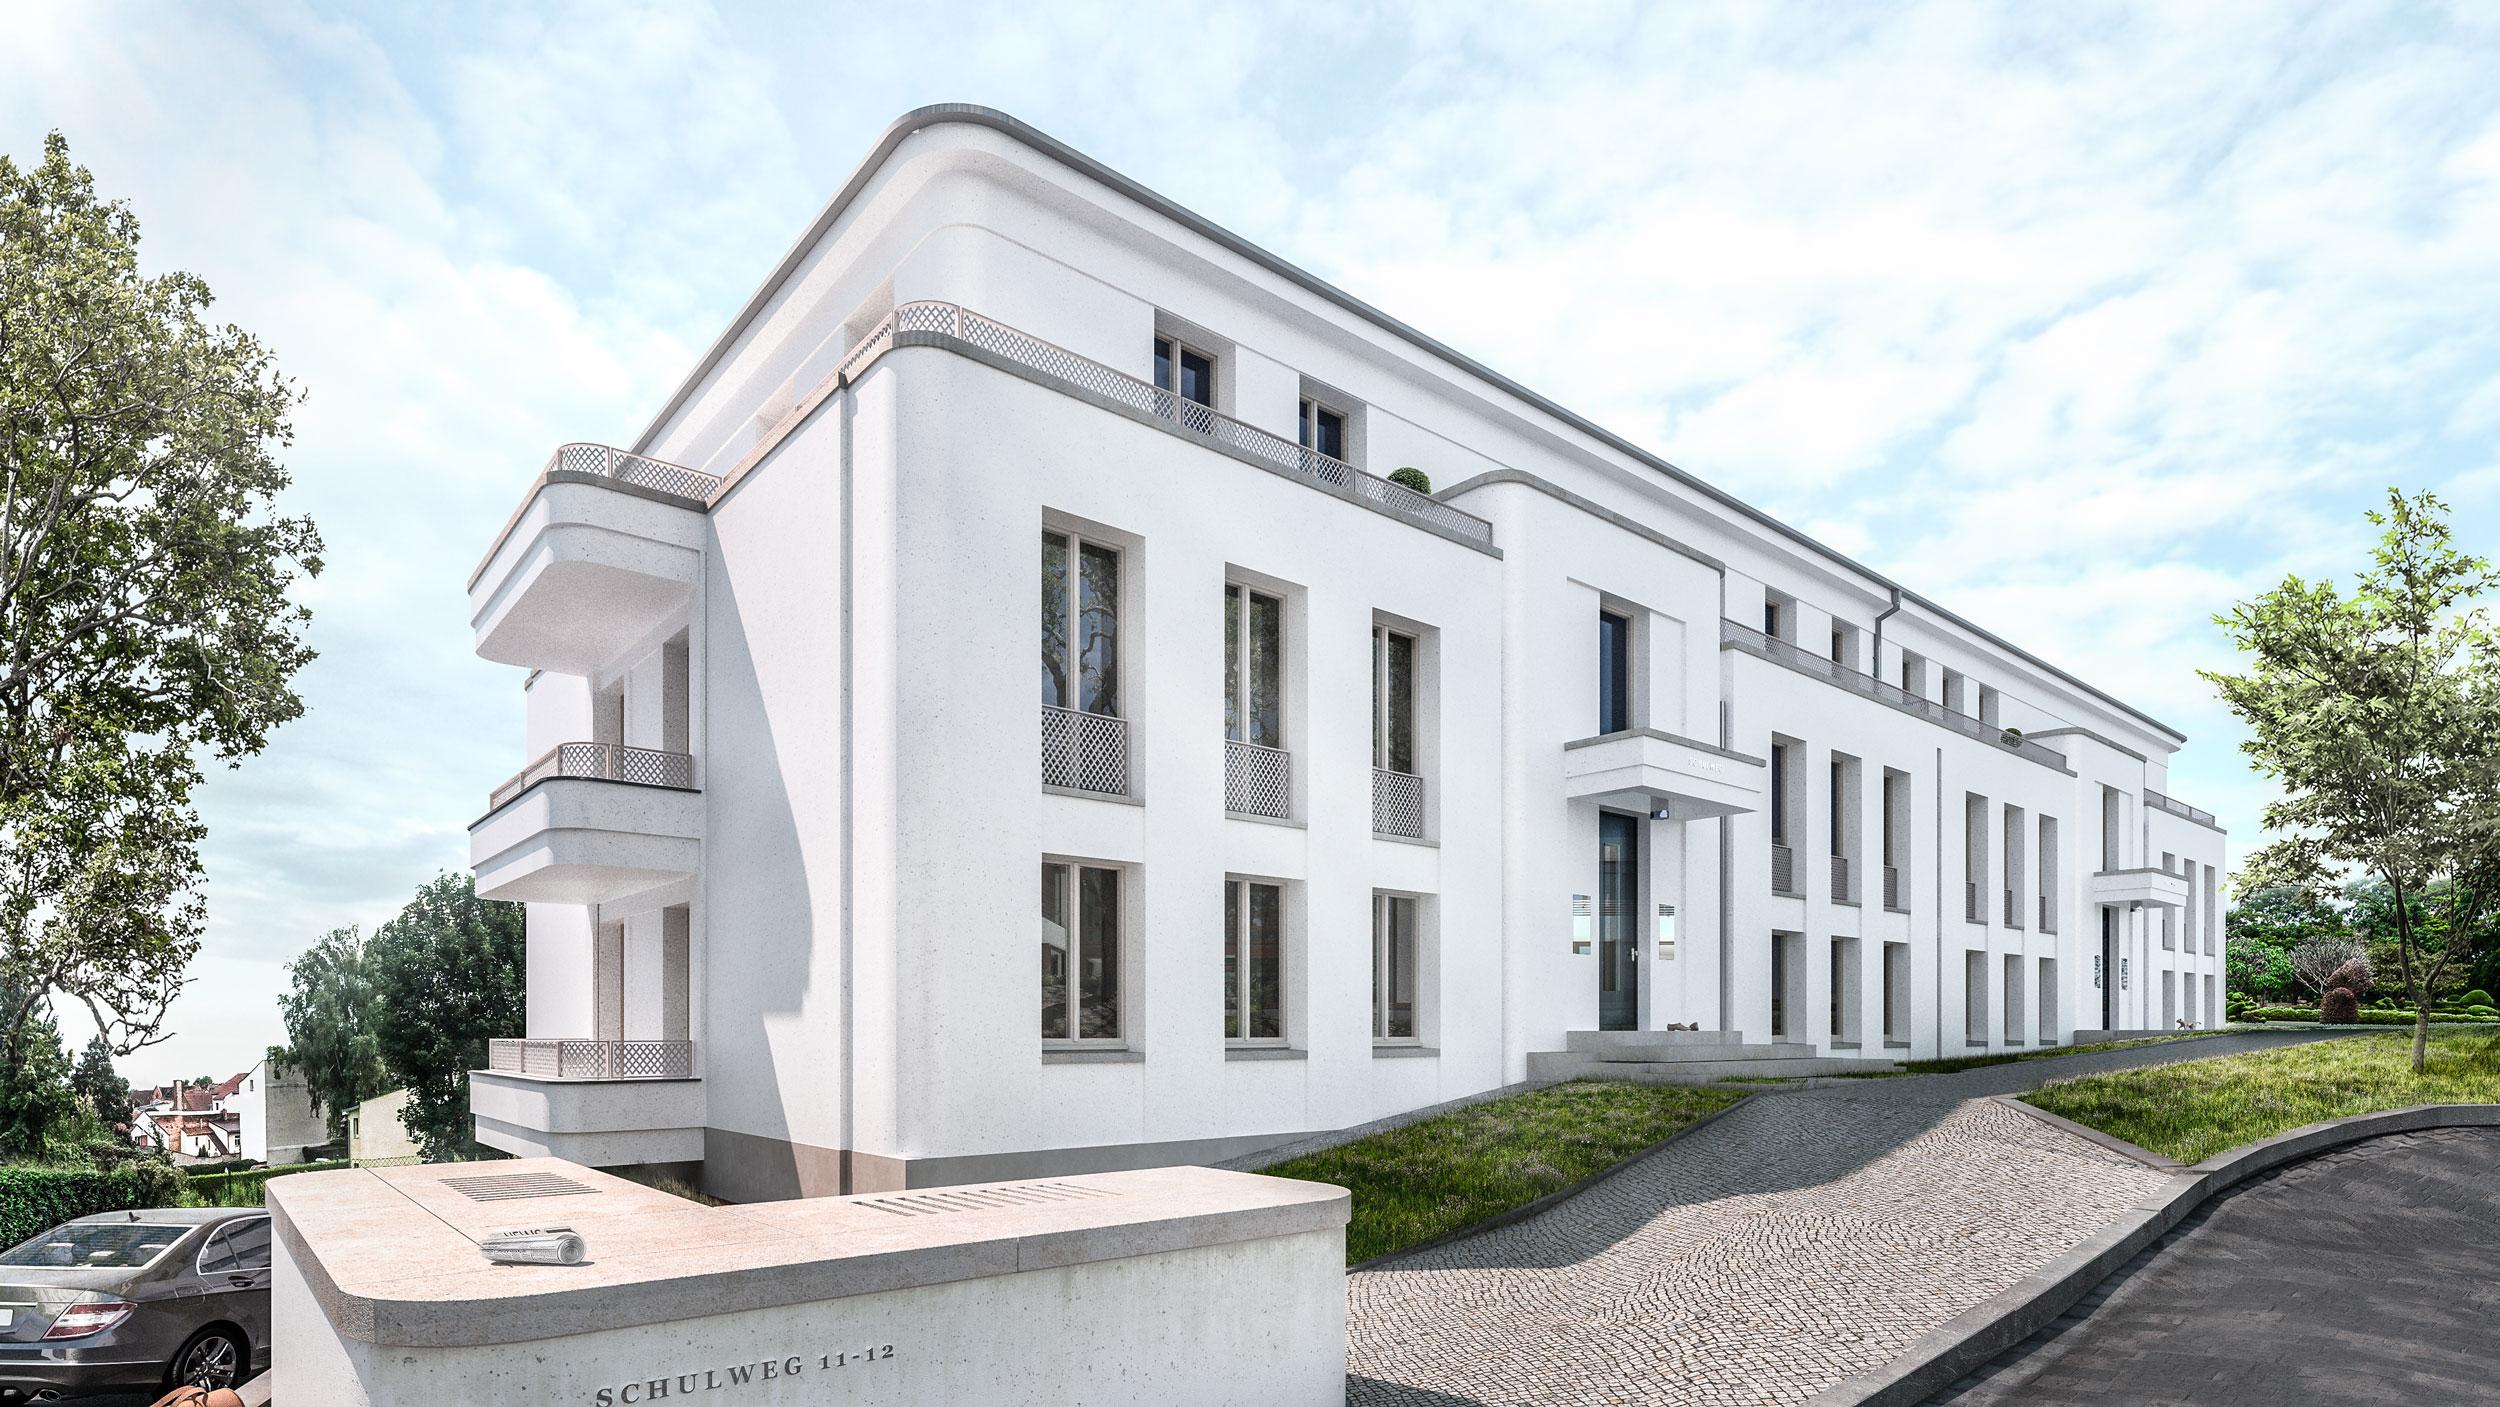 Wohnungsbauprojekt Residenzen am Funkerberg - Neubau von Appartements bei Berlin